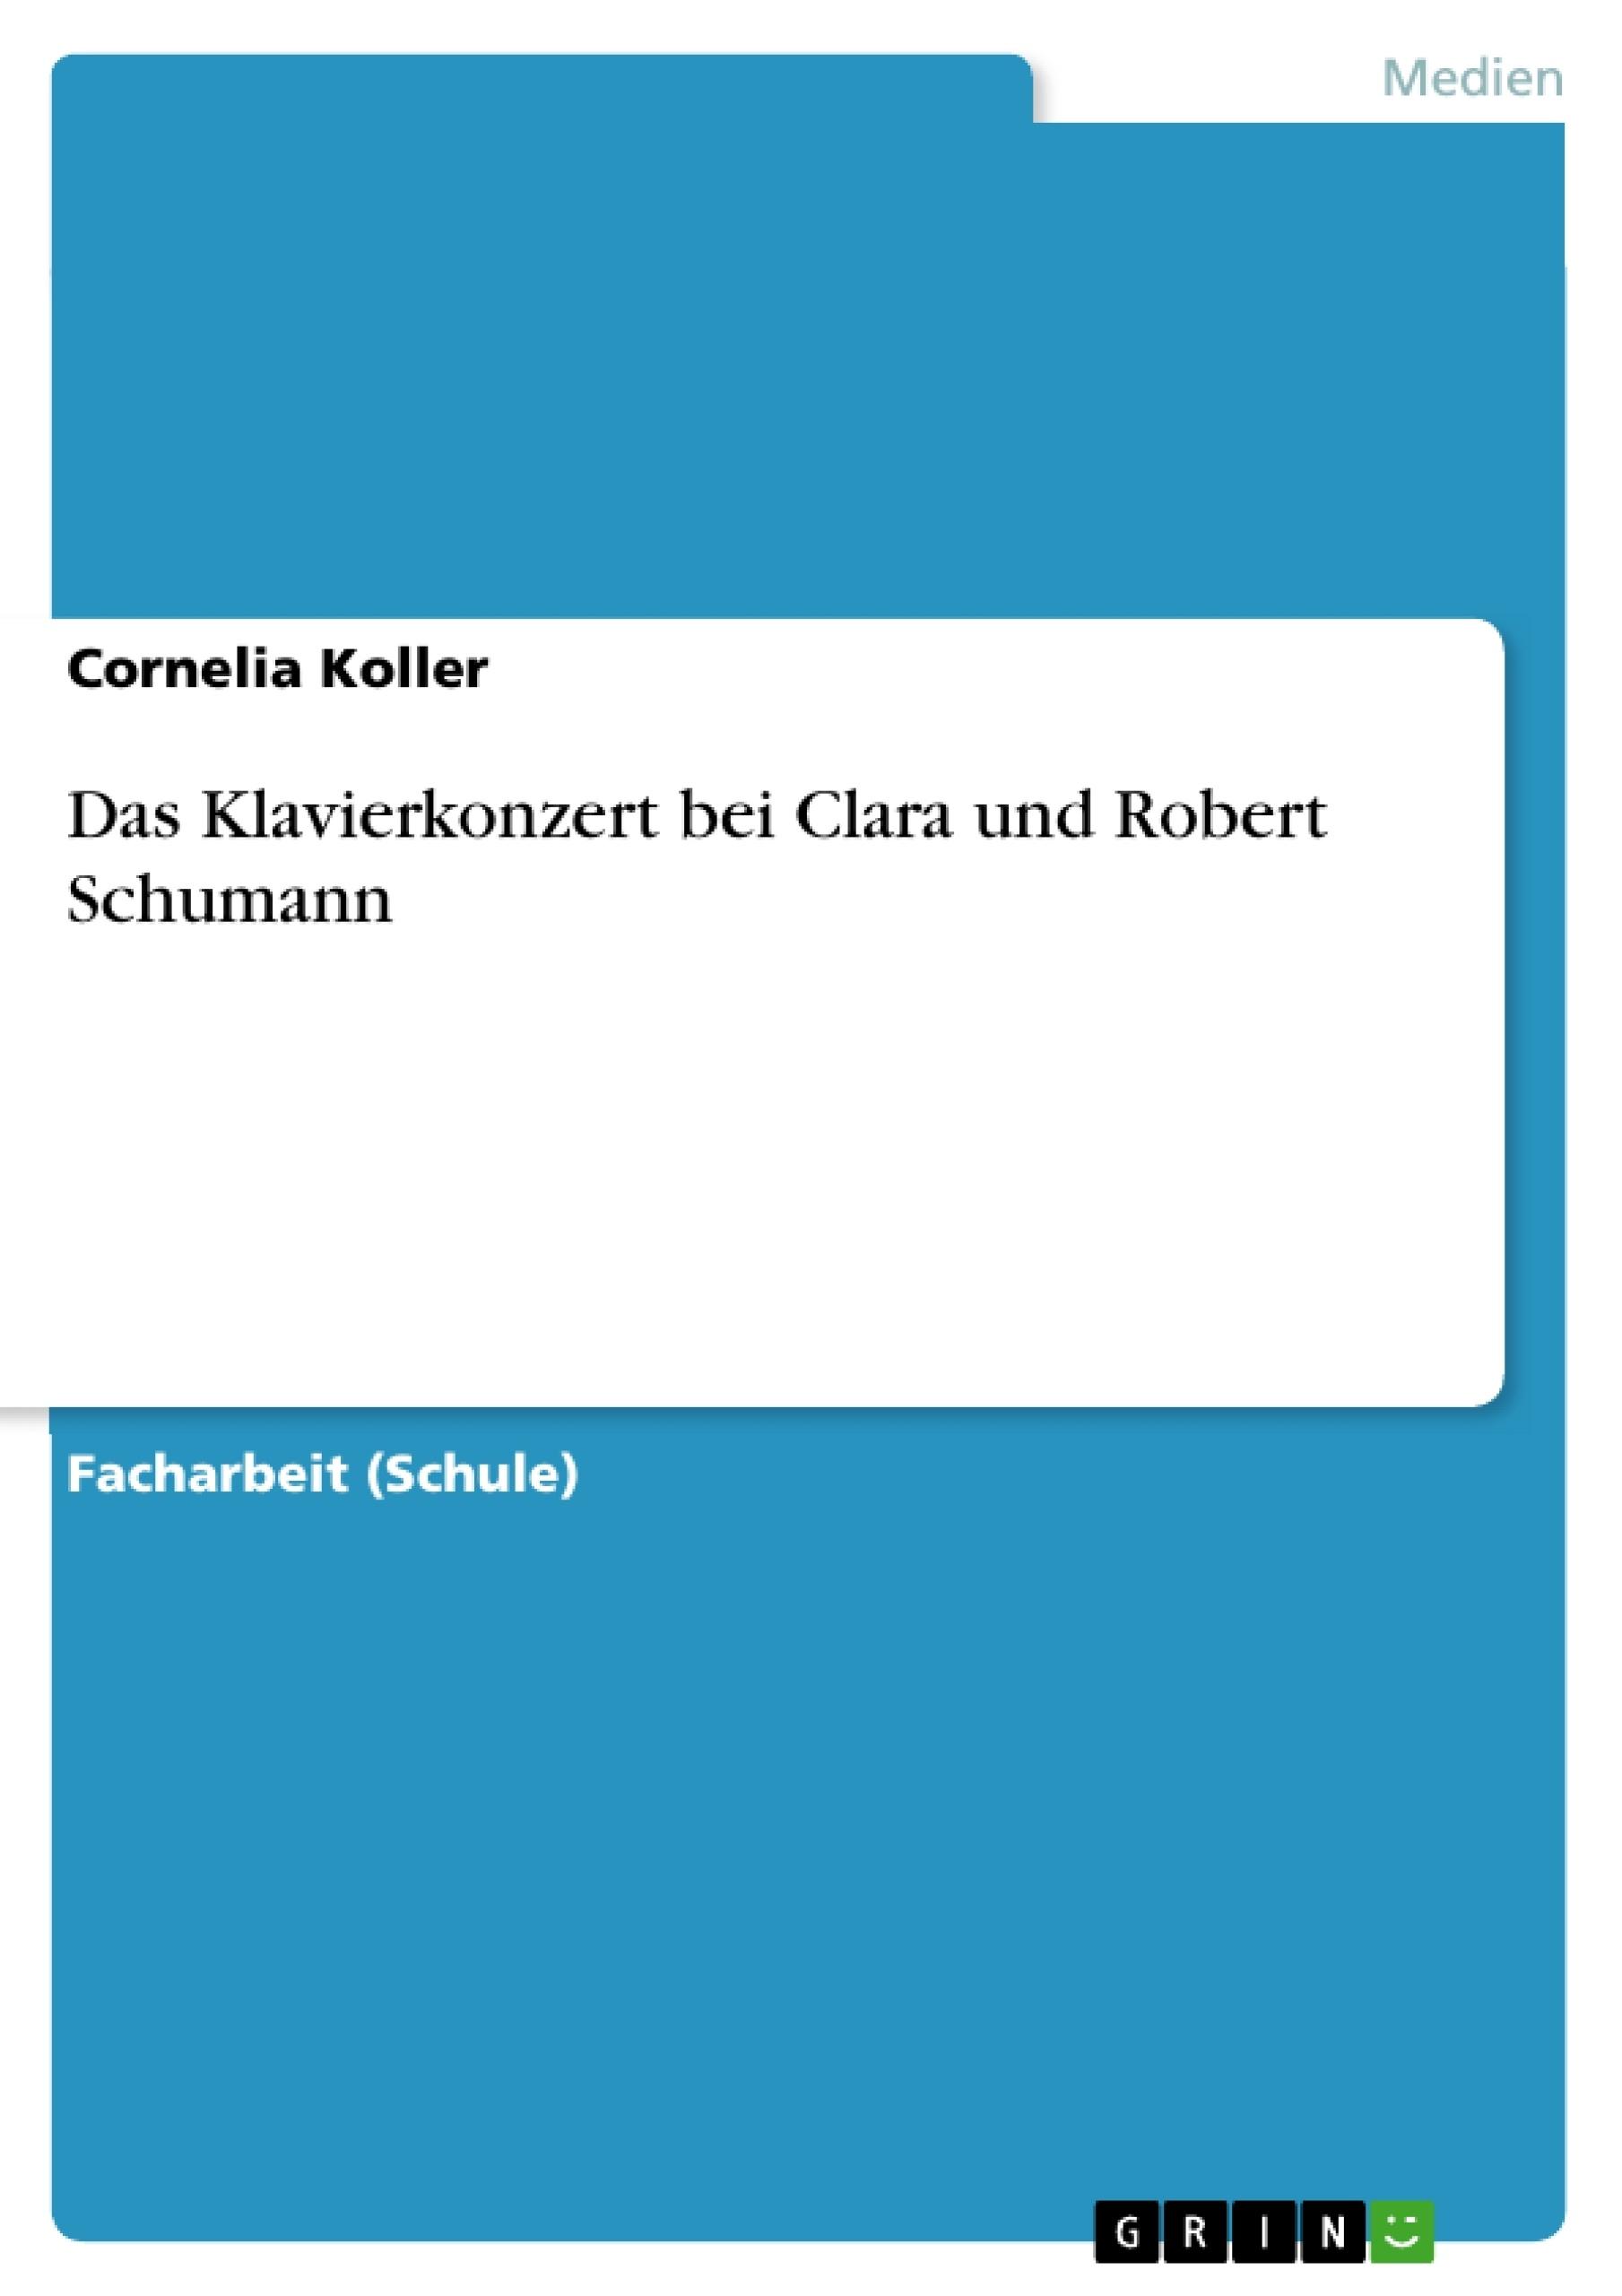 Titel: Das Klavierkonzert bei Clara und Robert Schumann